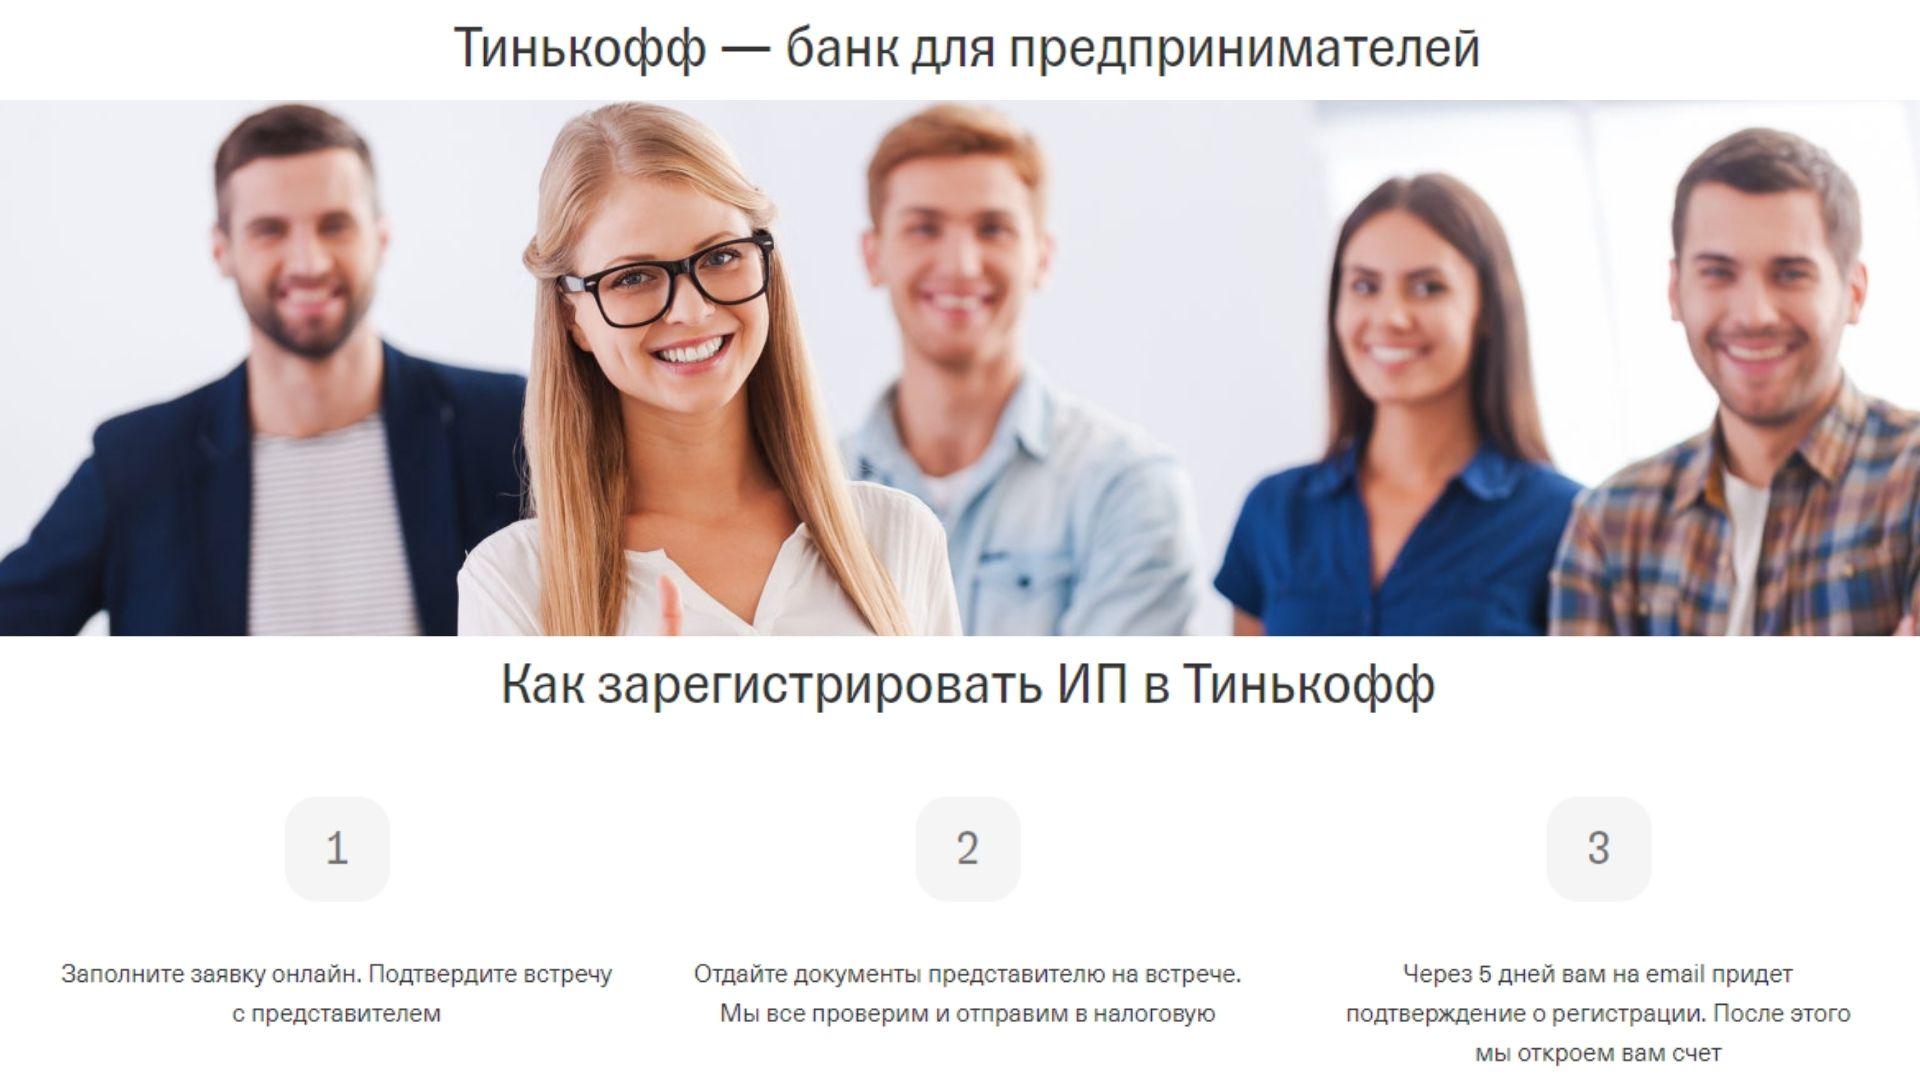 В банке Тинькофф можно открыть ИП если работаешь официально